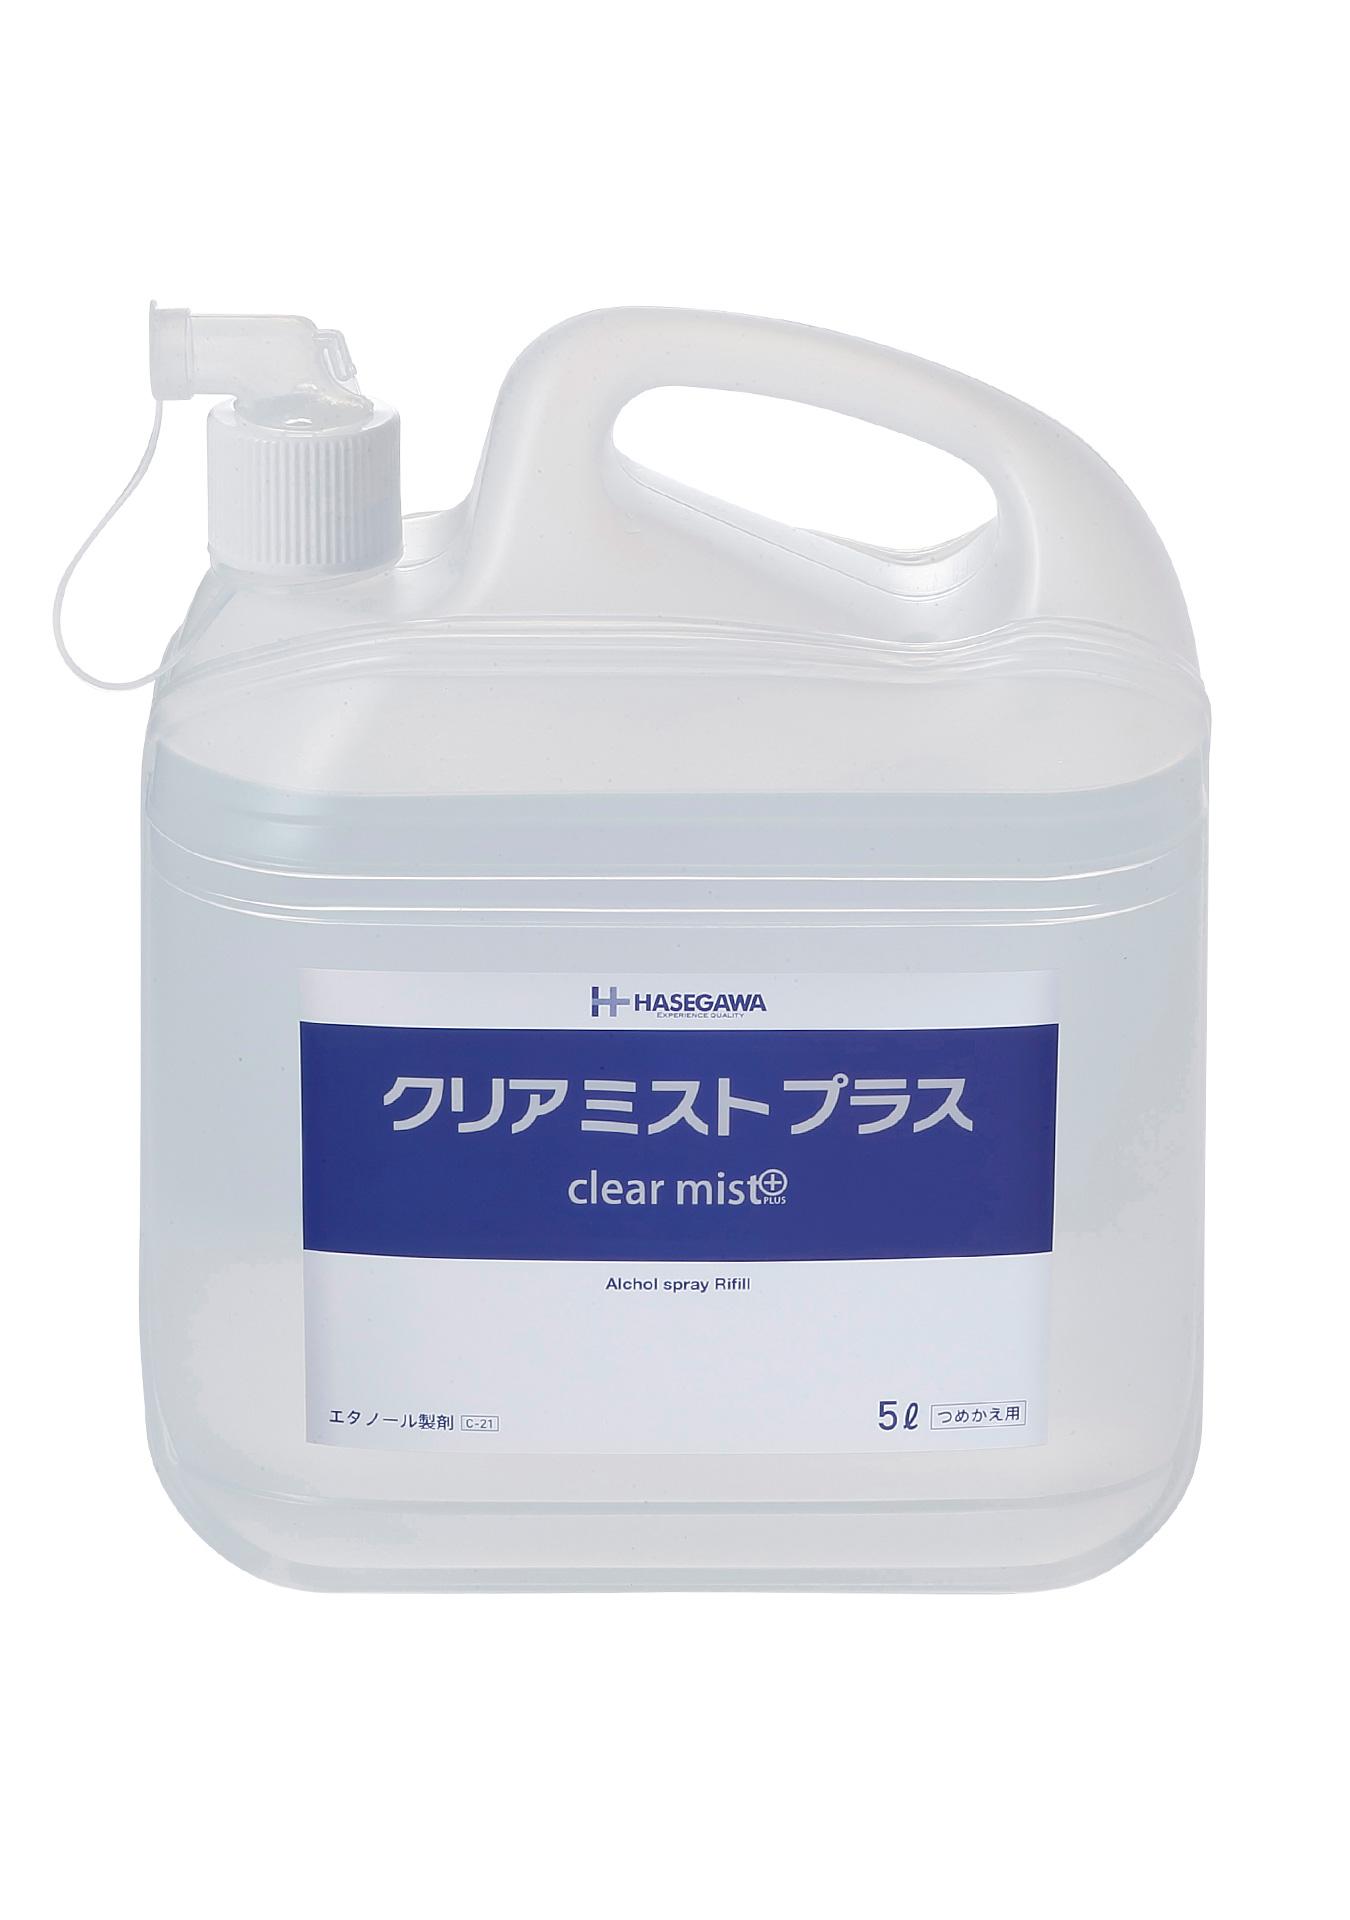 アルコール製剤(エタノール製剤) クリアミストプラス 5L(食品添加物)